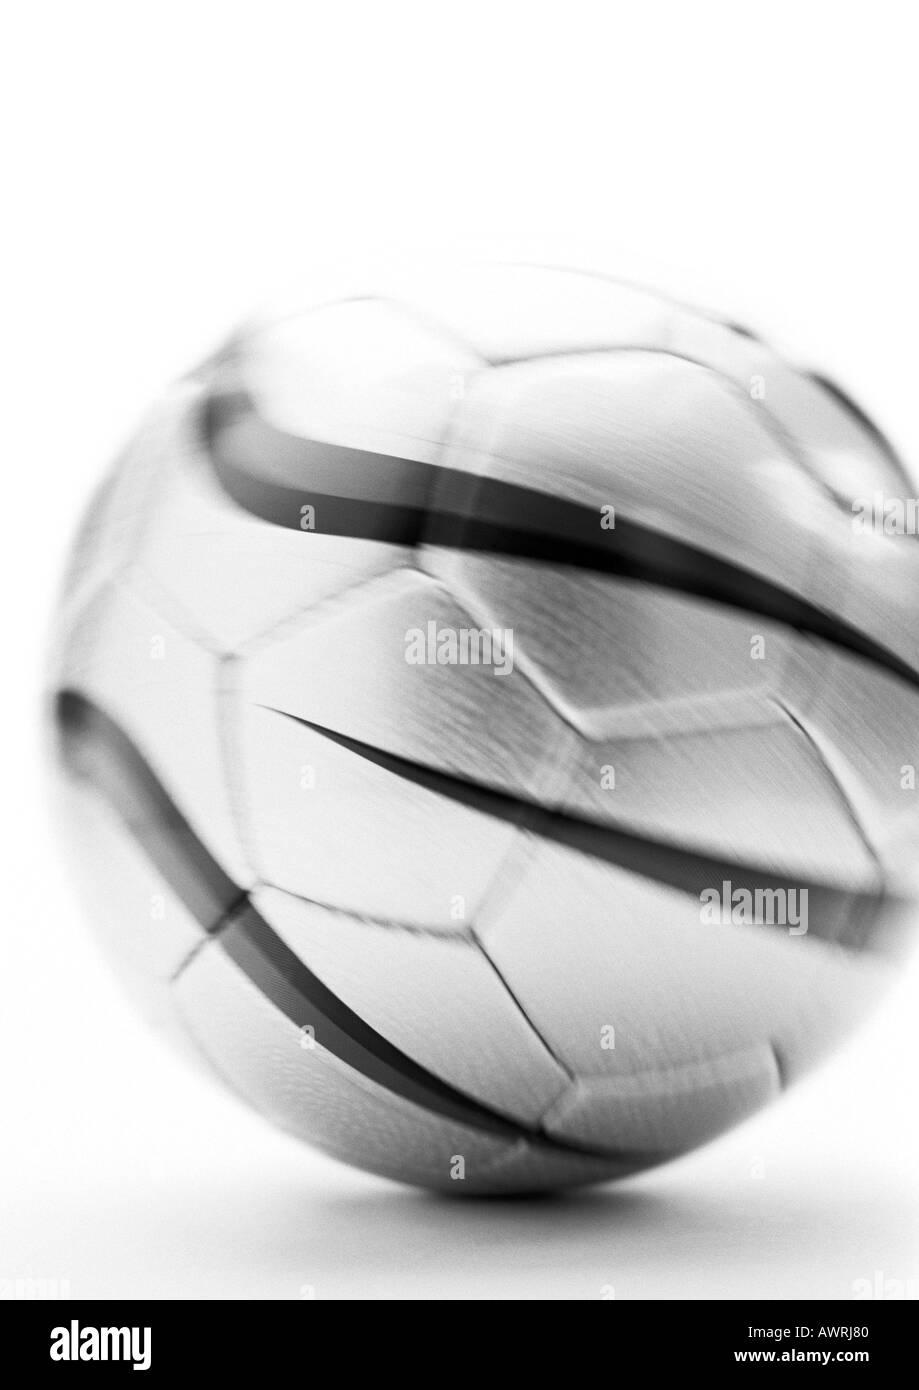 Pallone da calcio, close-up, b&w. Immagini Stock